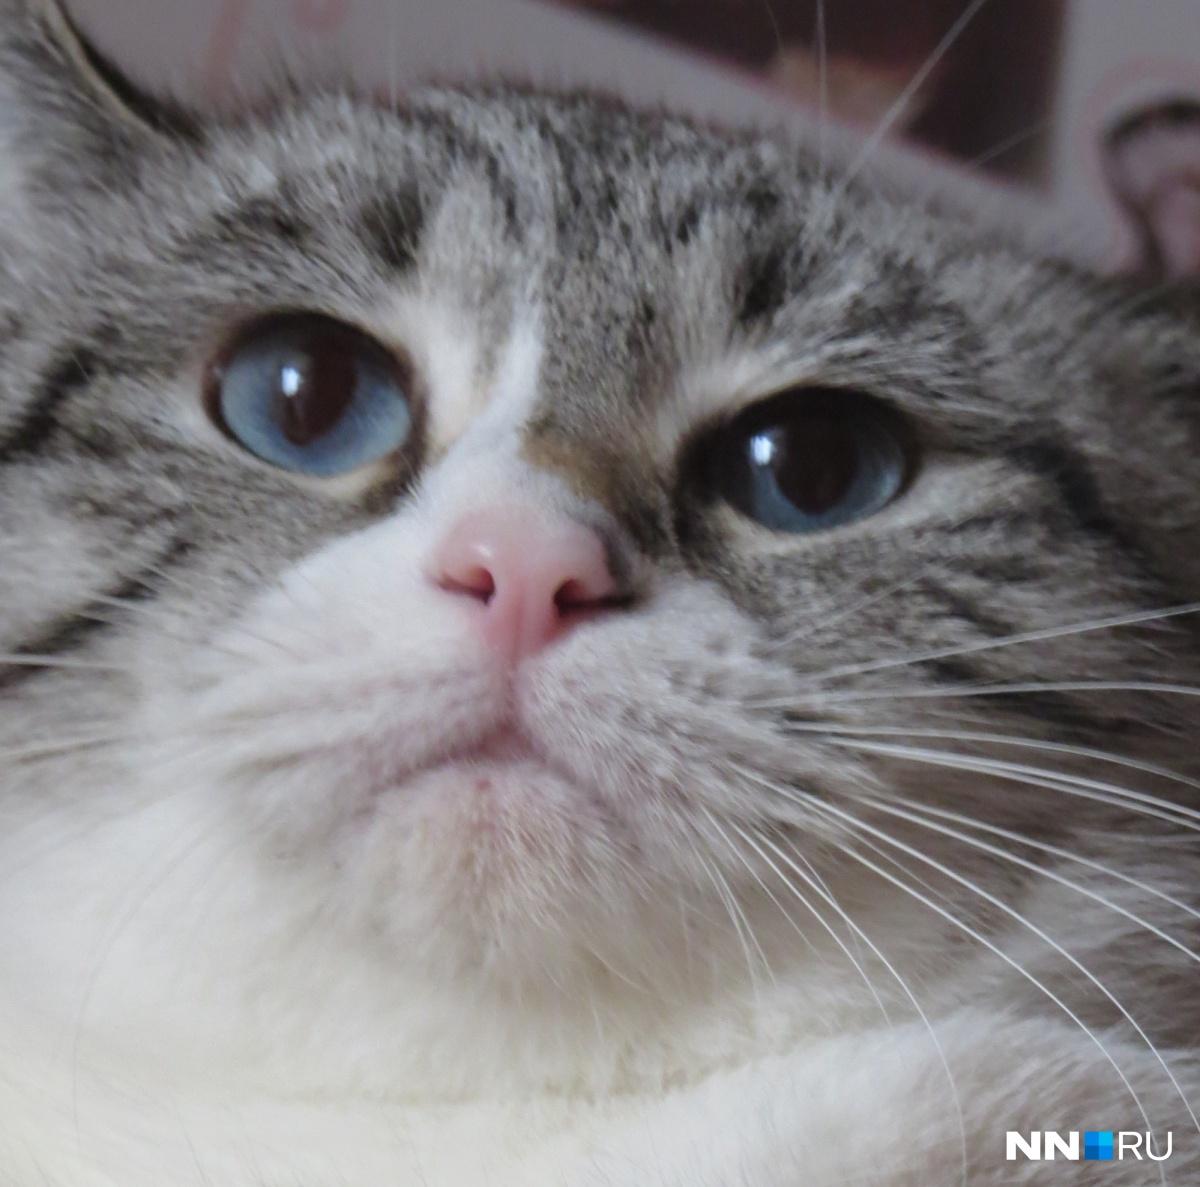 ВНижнем Новгороде открылась вакансия для котов с заработной платой 20 000 руб.